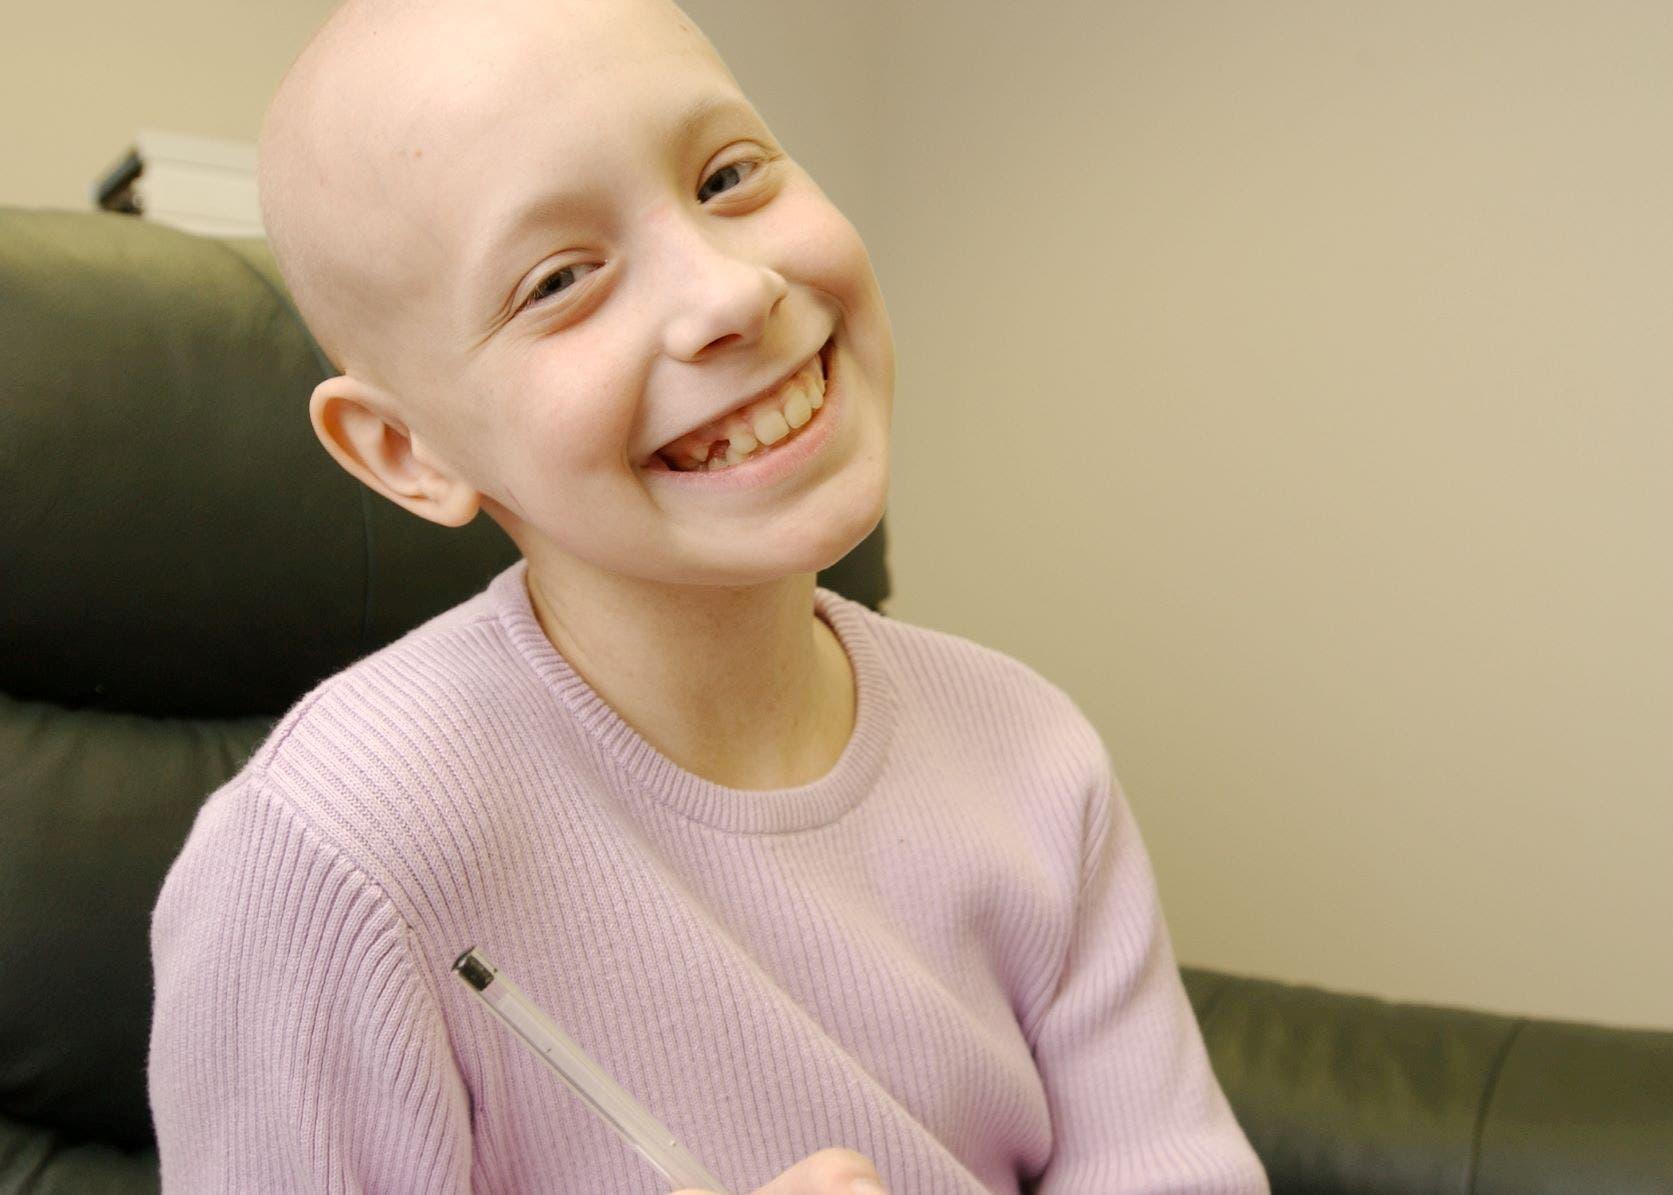 هيلي أرسينو عندما كانت طفلة وهي تتلقى العلاج لمكافحة السرطان